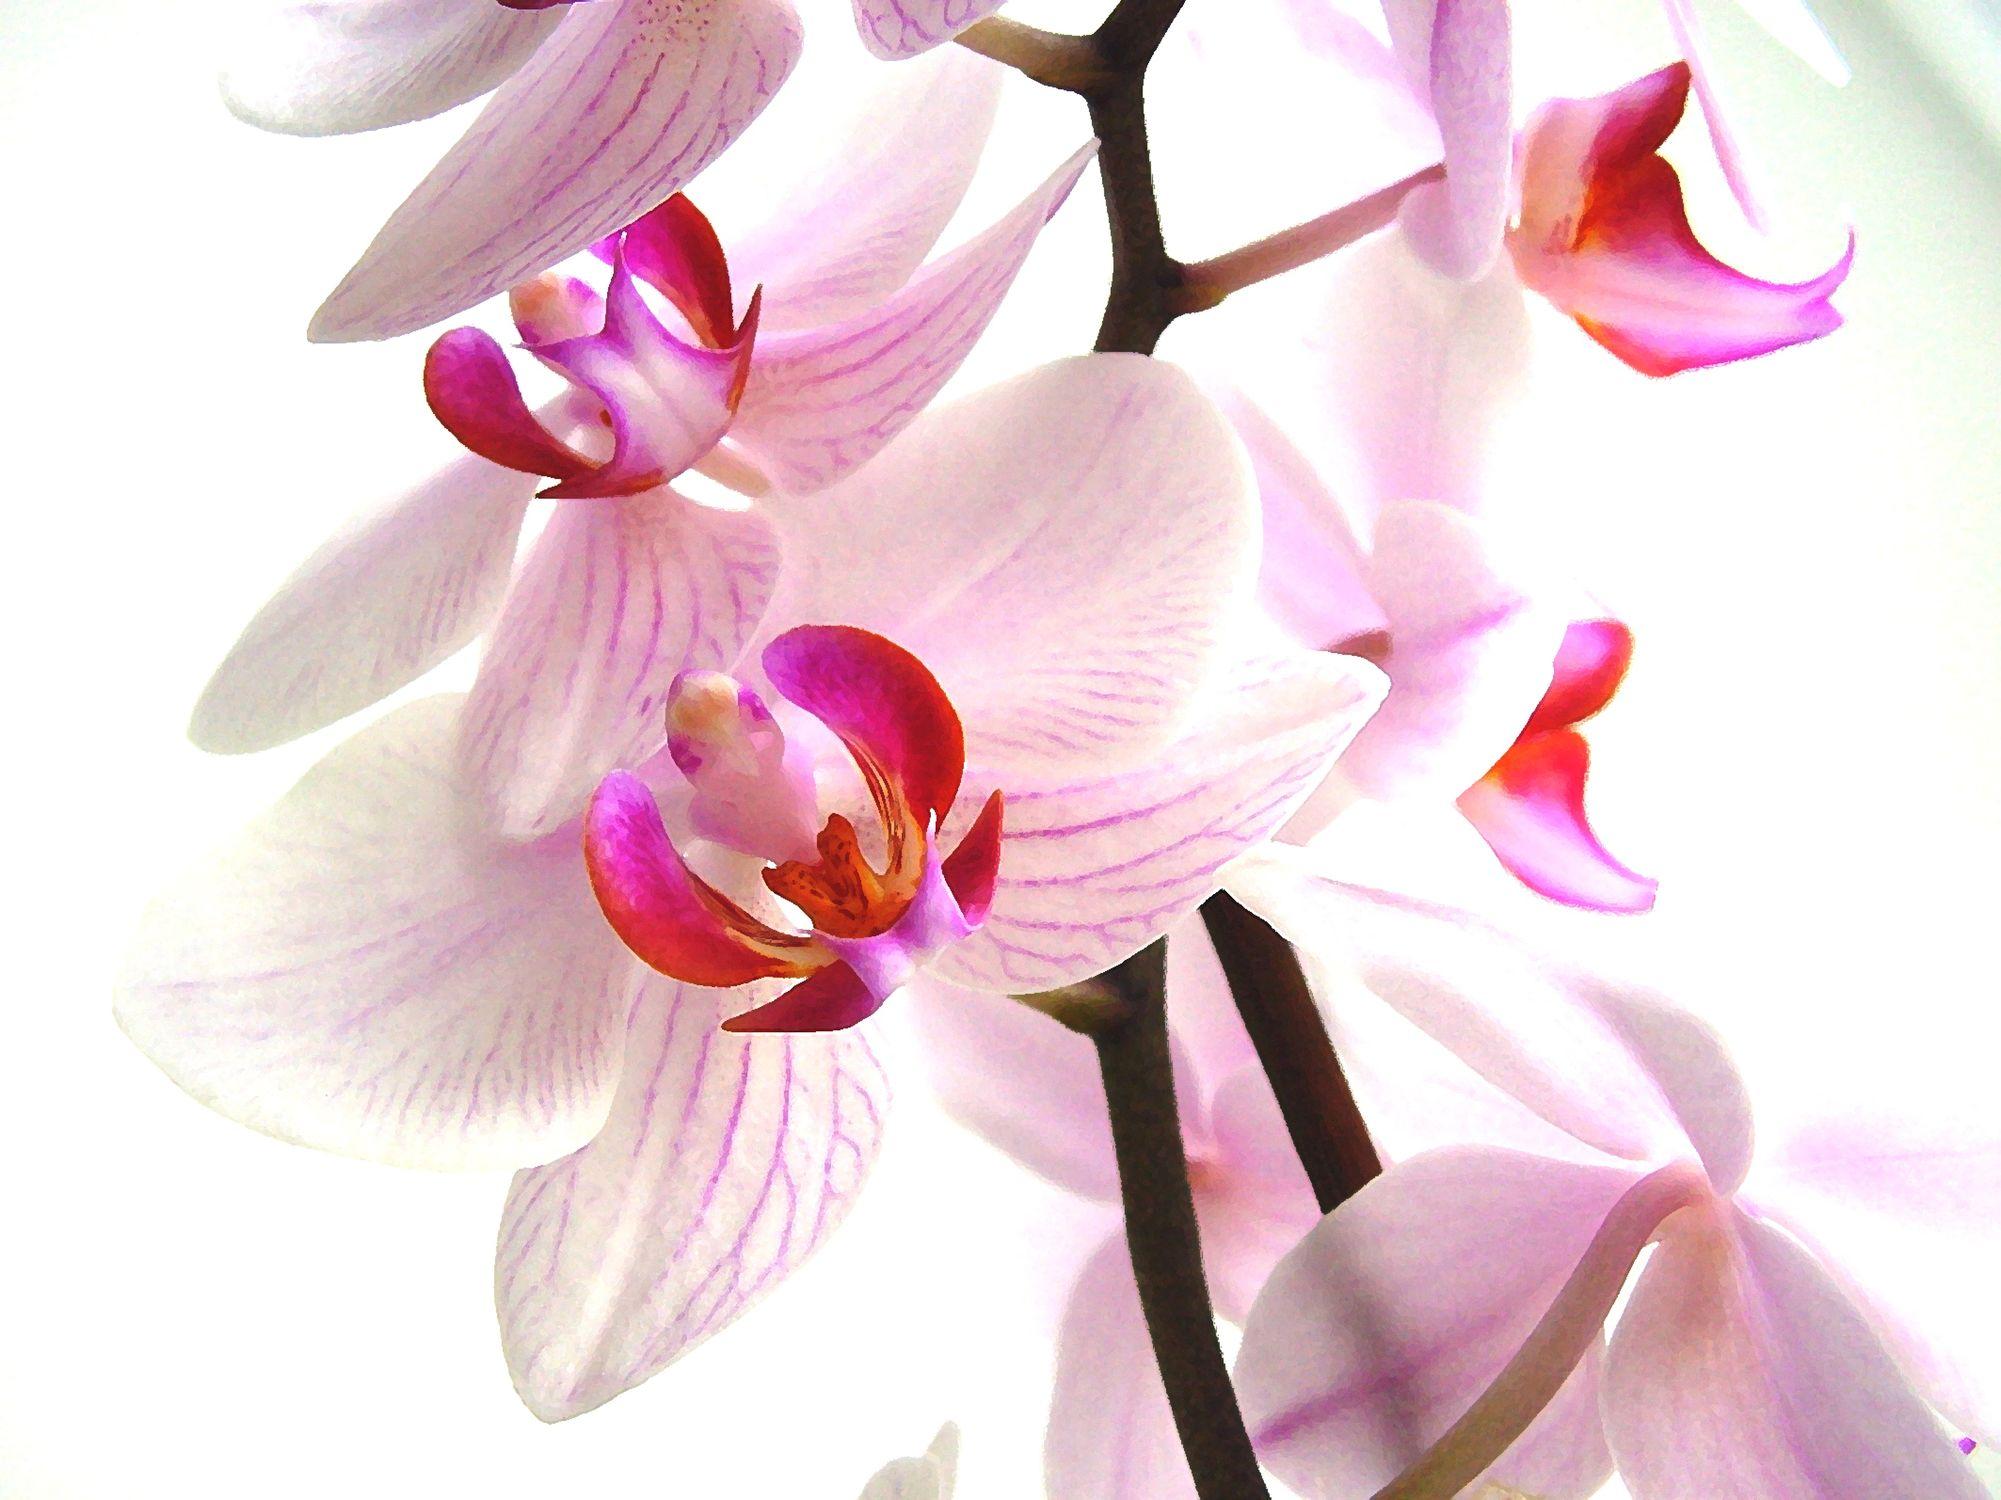 Bild mit Natur, Pflanzen, Jahreszeiten, Blumen, Weiß, Rosa, Rosa, Frühling, Magenta, Orchideen, Blume, Orchidee, Orchidee, Orchid, Orchids, Orchideengewächse, Pflanze, Orchidaceae, Grammatophyllum speciosum, Tiger